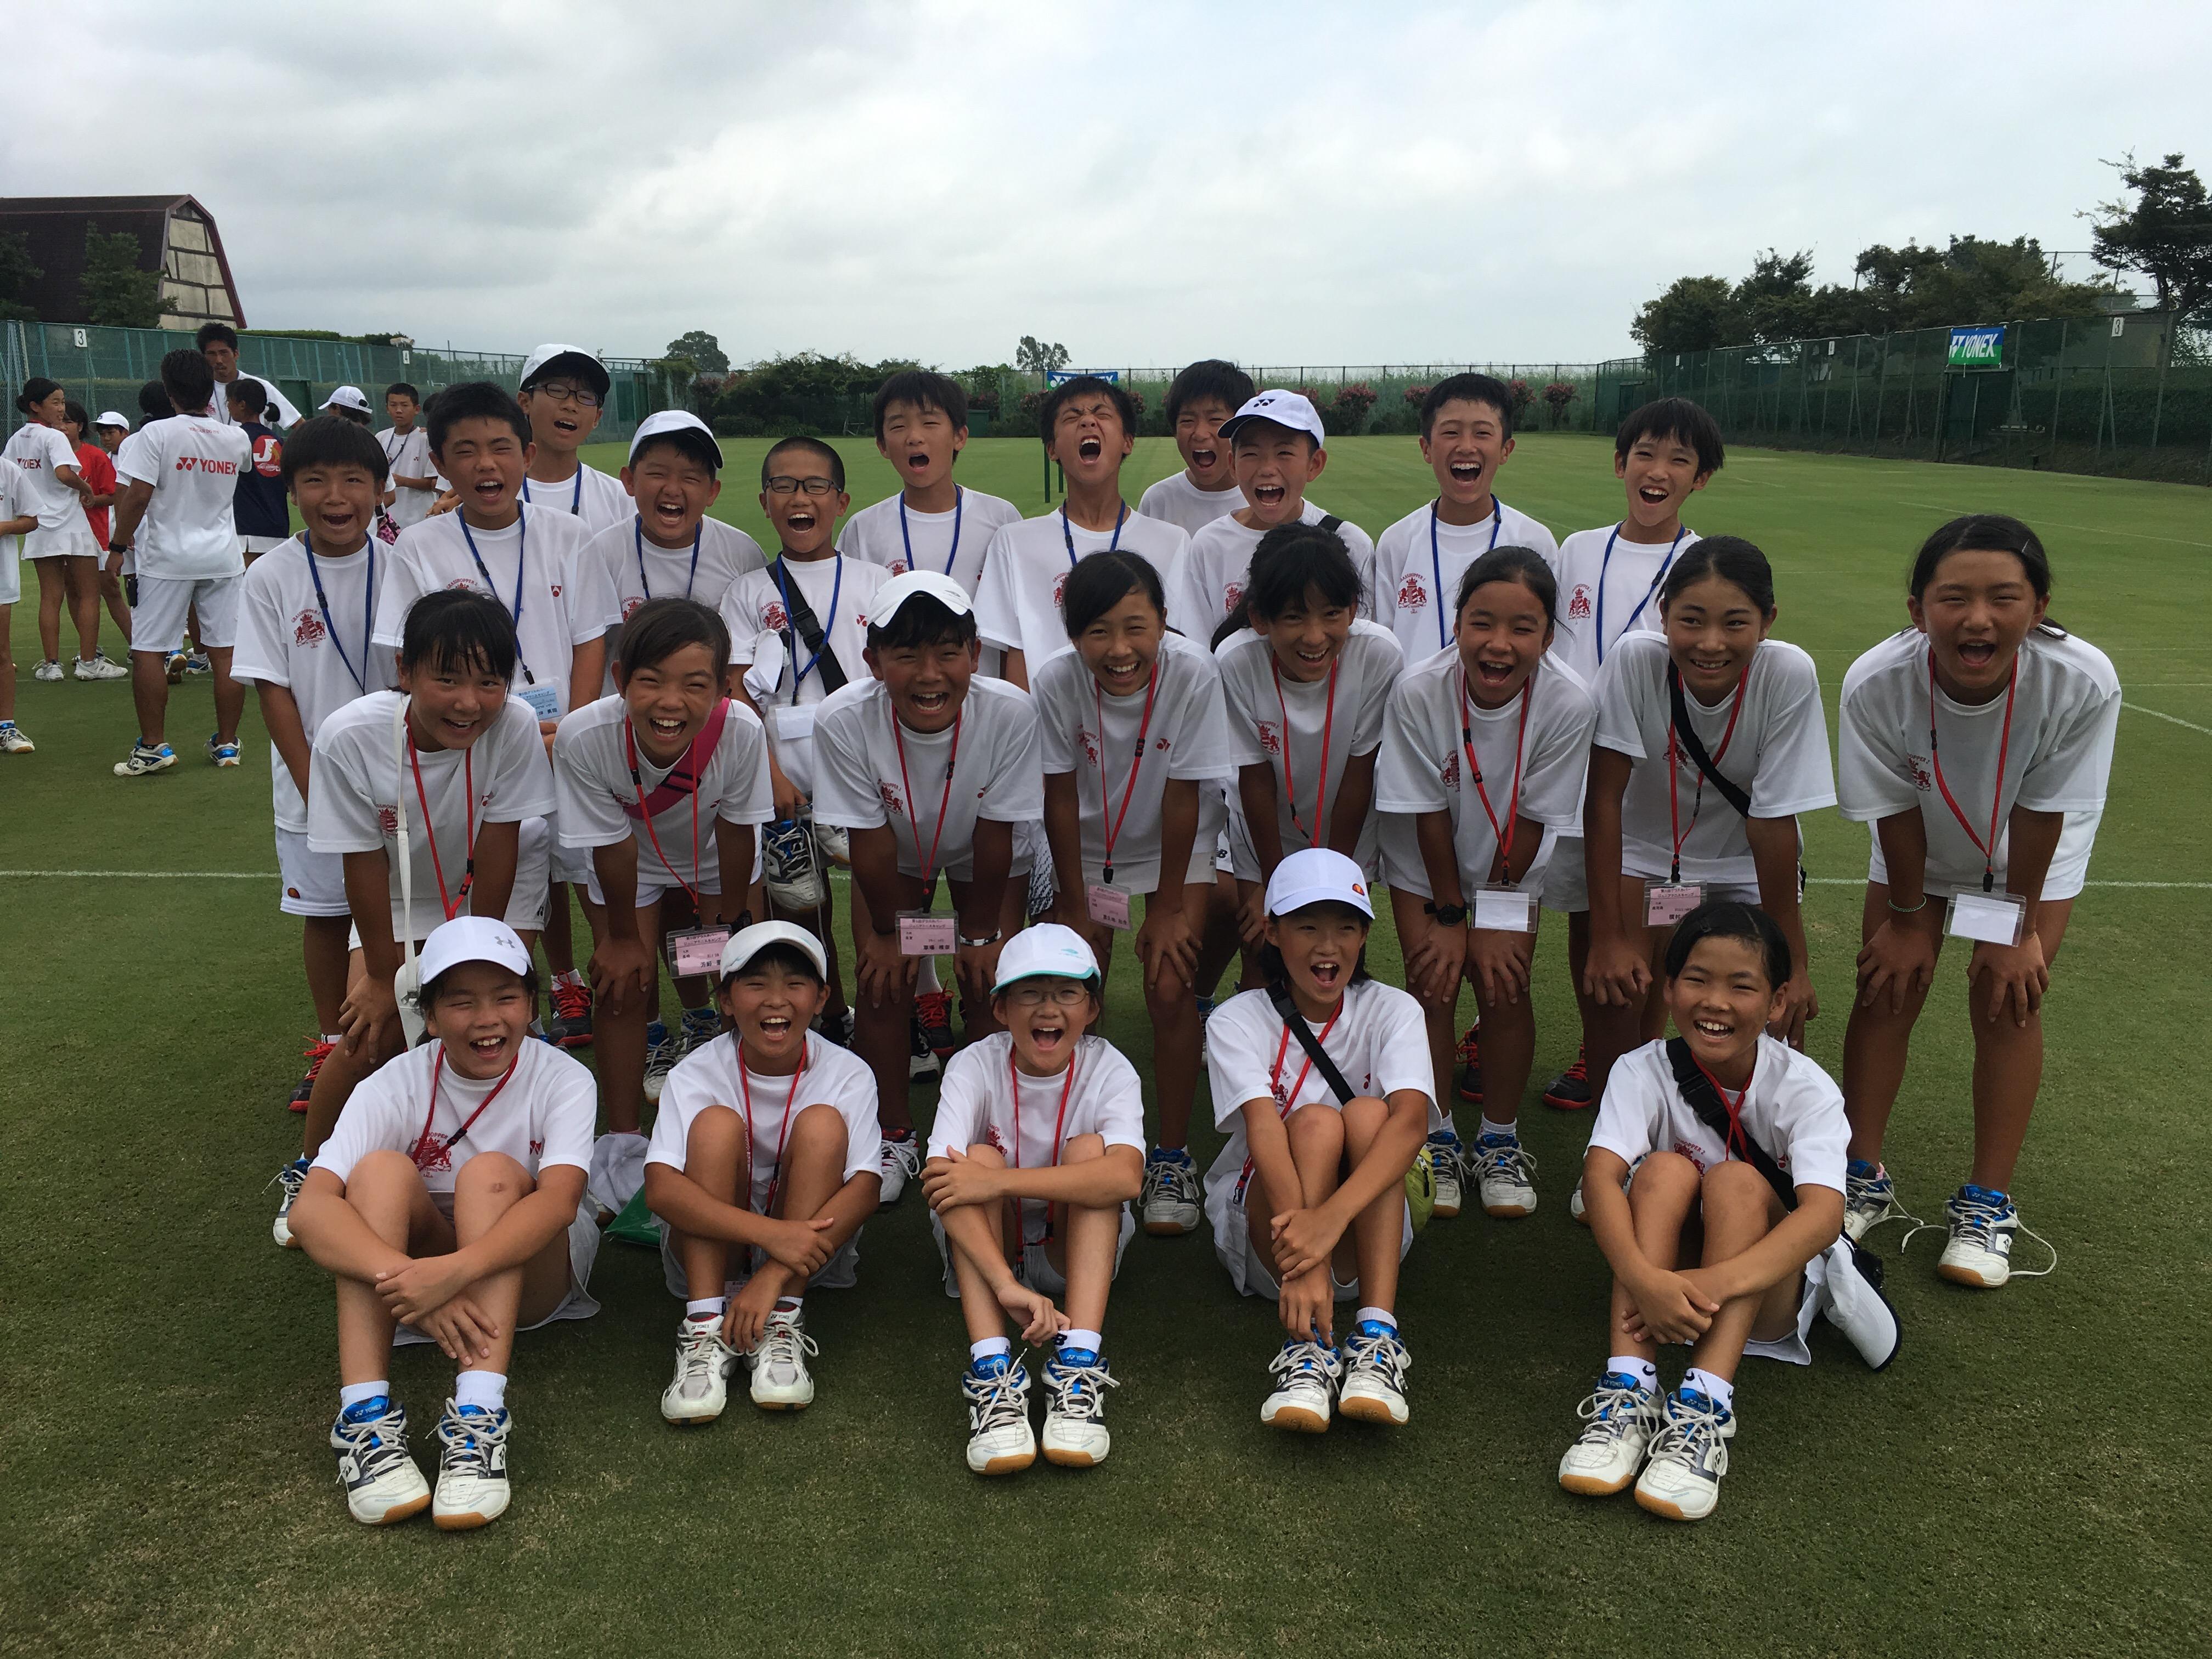 第5回 グラスホパージュニアテニスキャンプ DAY-7。【YUMI BLOG  いつも元気 ♪】